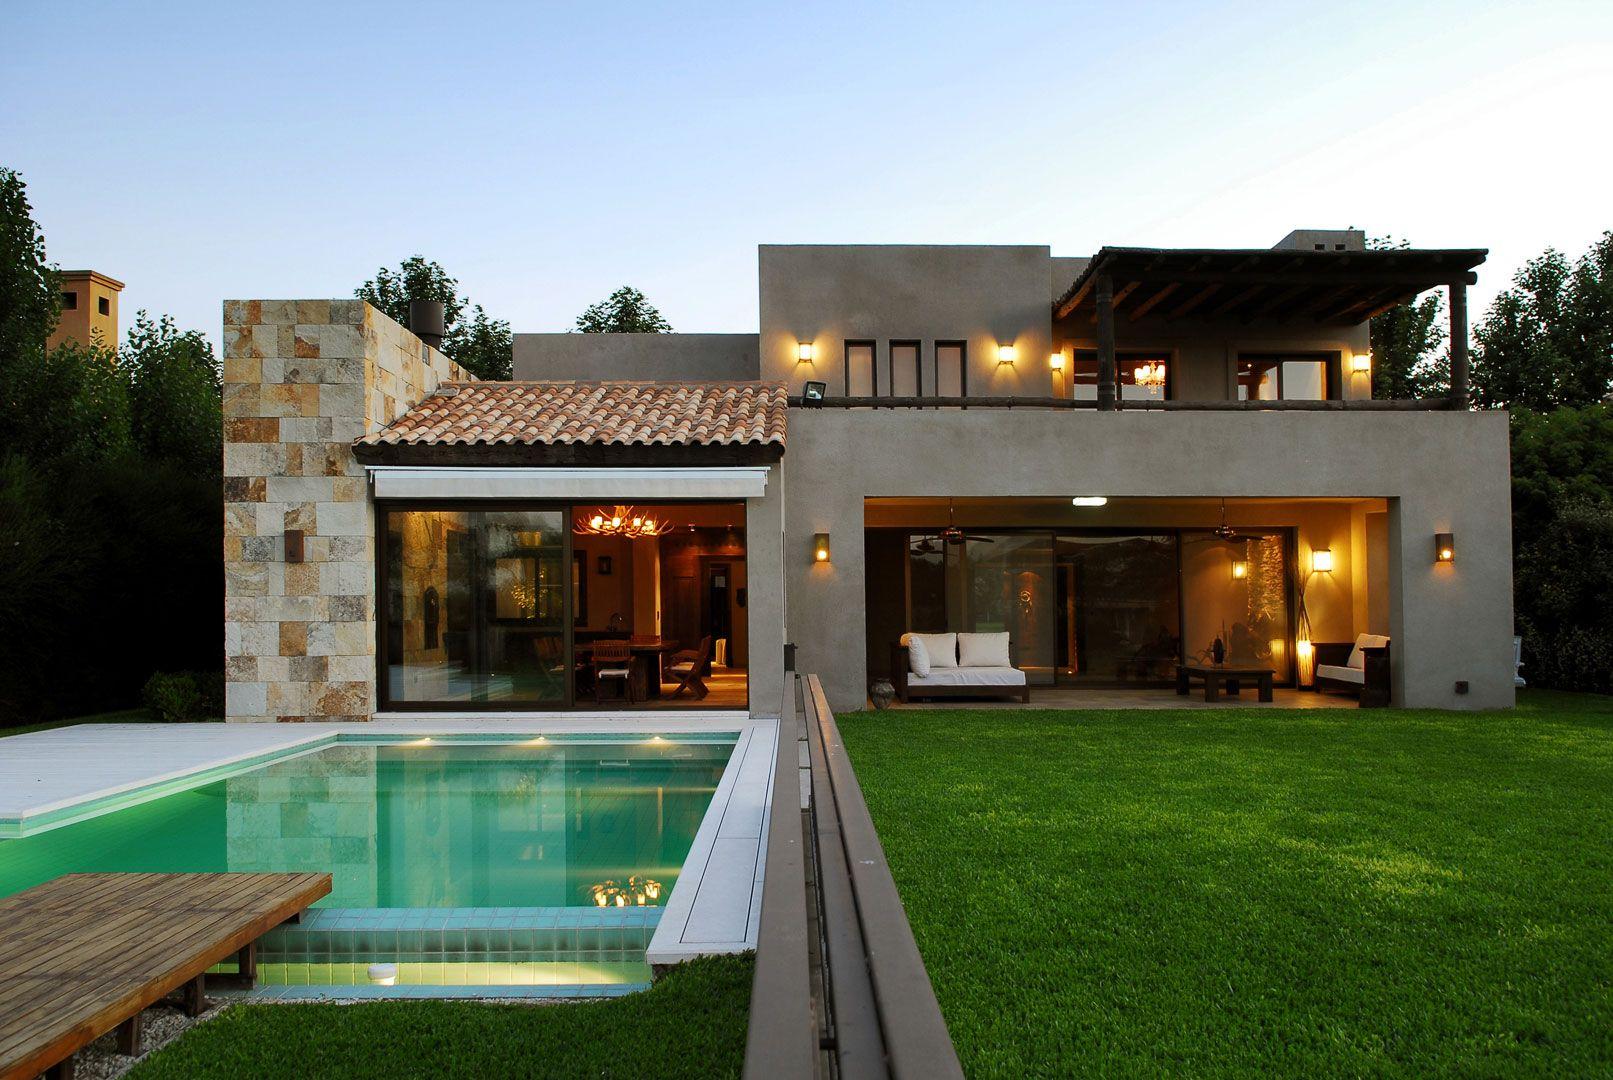 Estudio gamboa casa fgr casas campestres casas casas for Fachadas de casas nuevas modernas